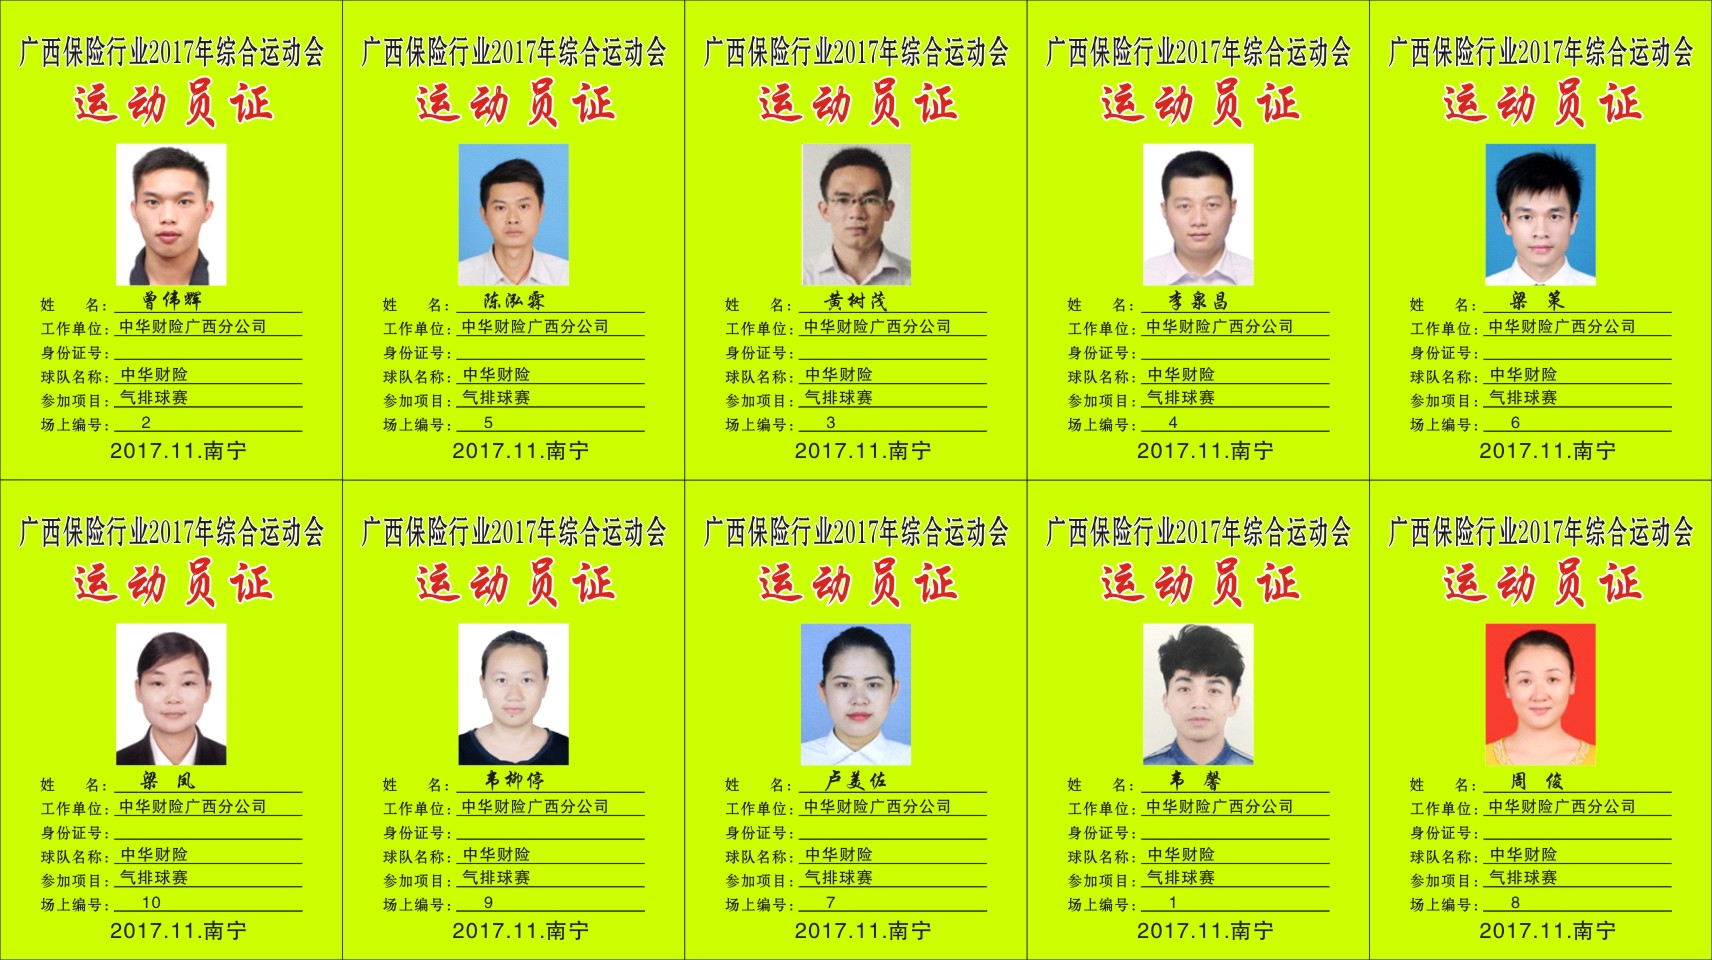 23中华财险广西分公司.jpg